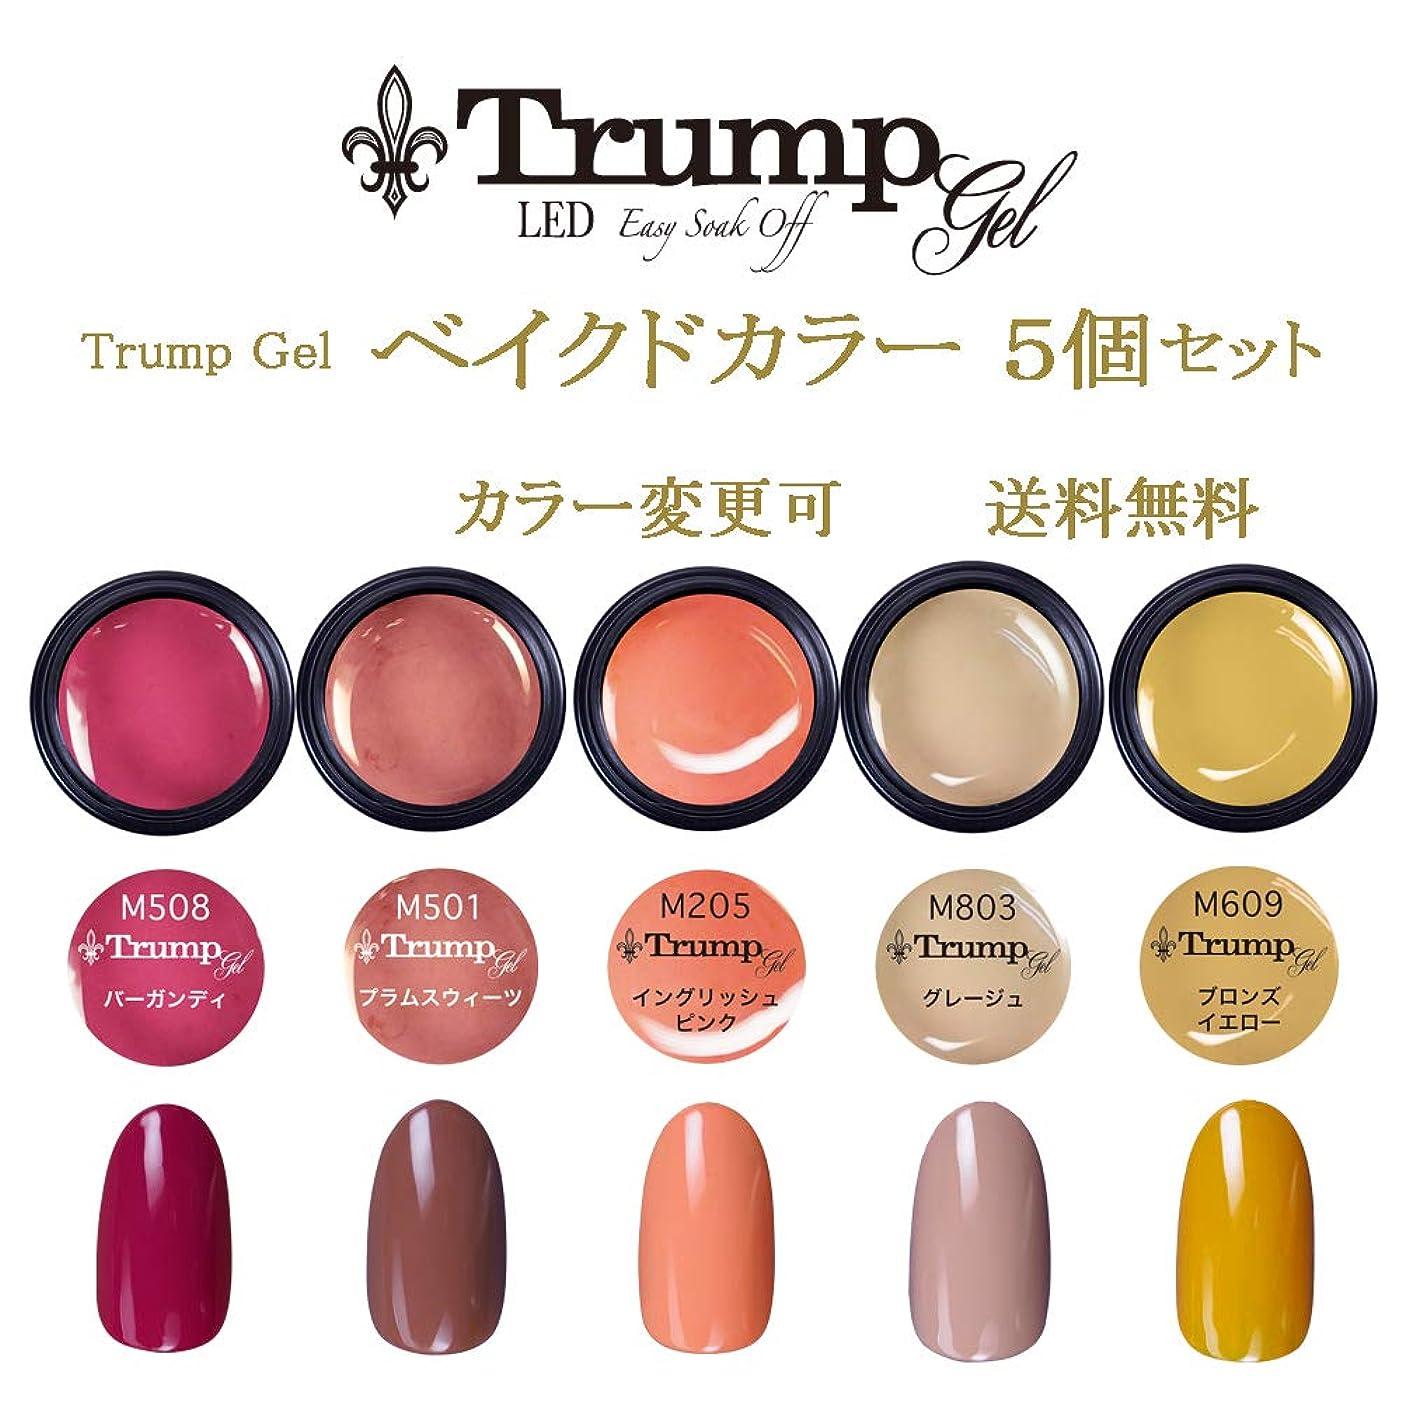 旅先見の明信じる【送料無料】日本製 Trump gel トランプジェル ベイクドカラー 選べる カラージェル 5個セット ミルキーネイル ベージュ オレンジ カラー